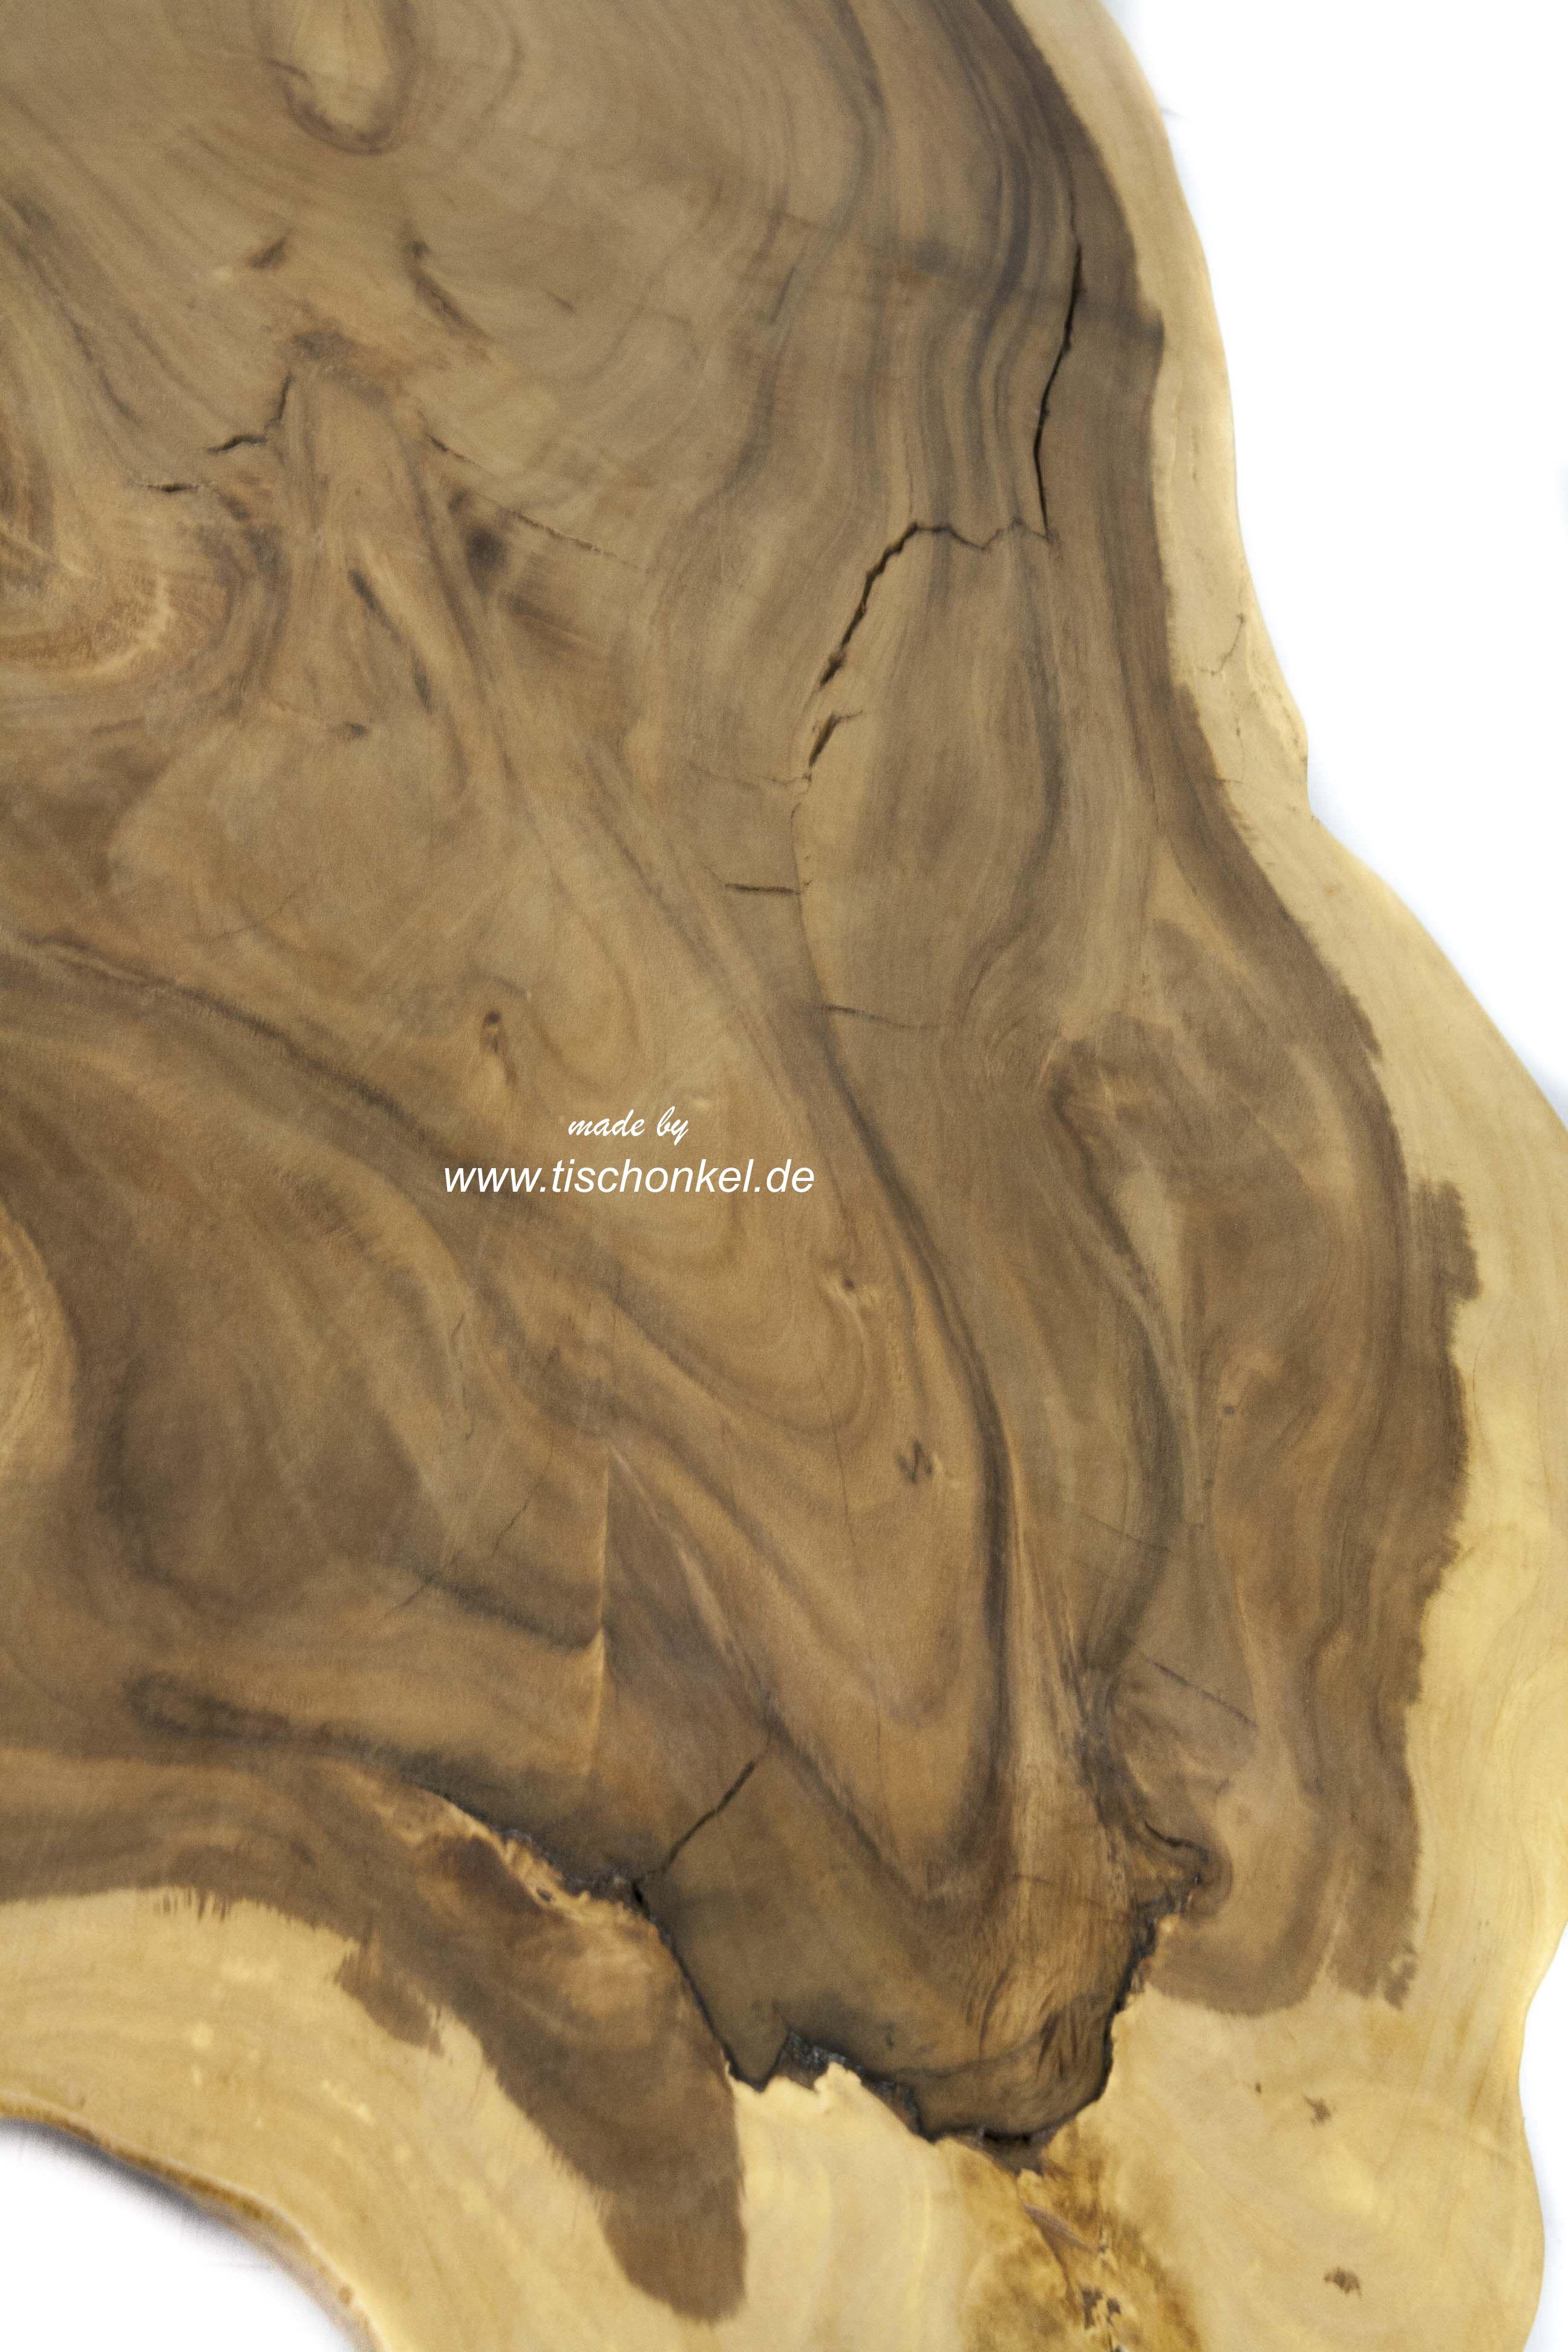 Couchtisch aus einer Baumscheibe  Der Tischonkel